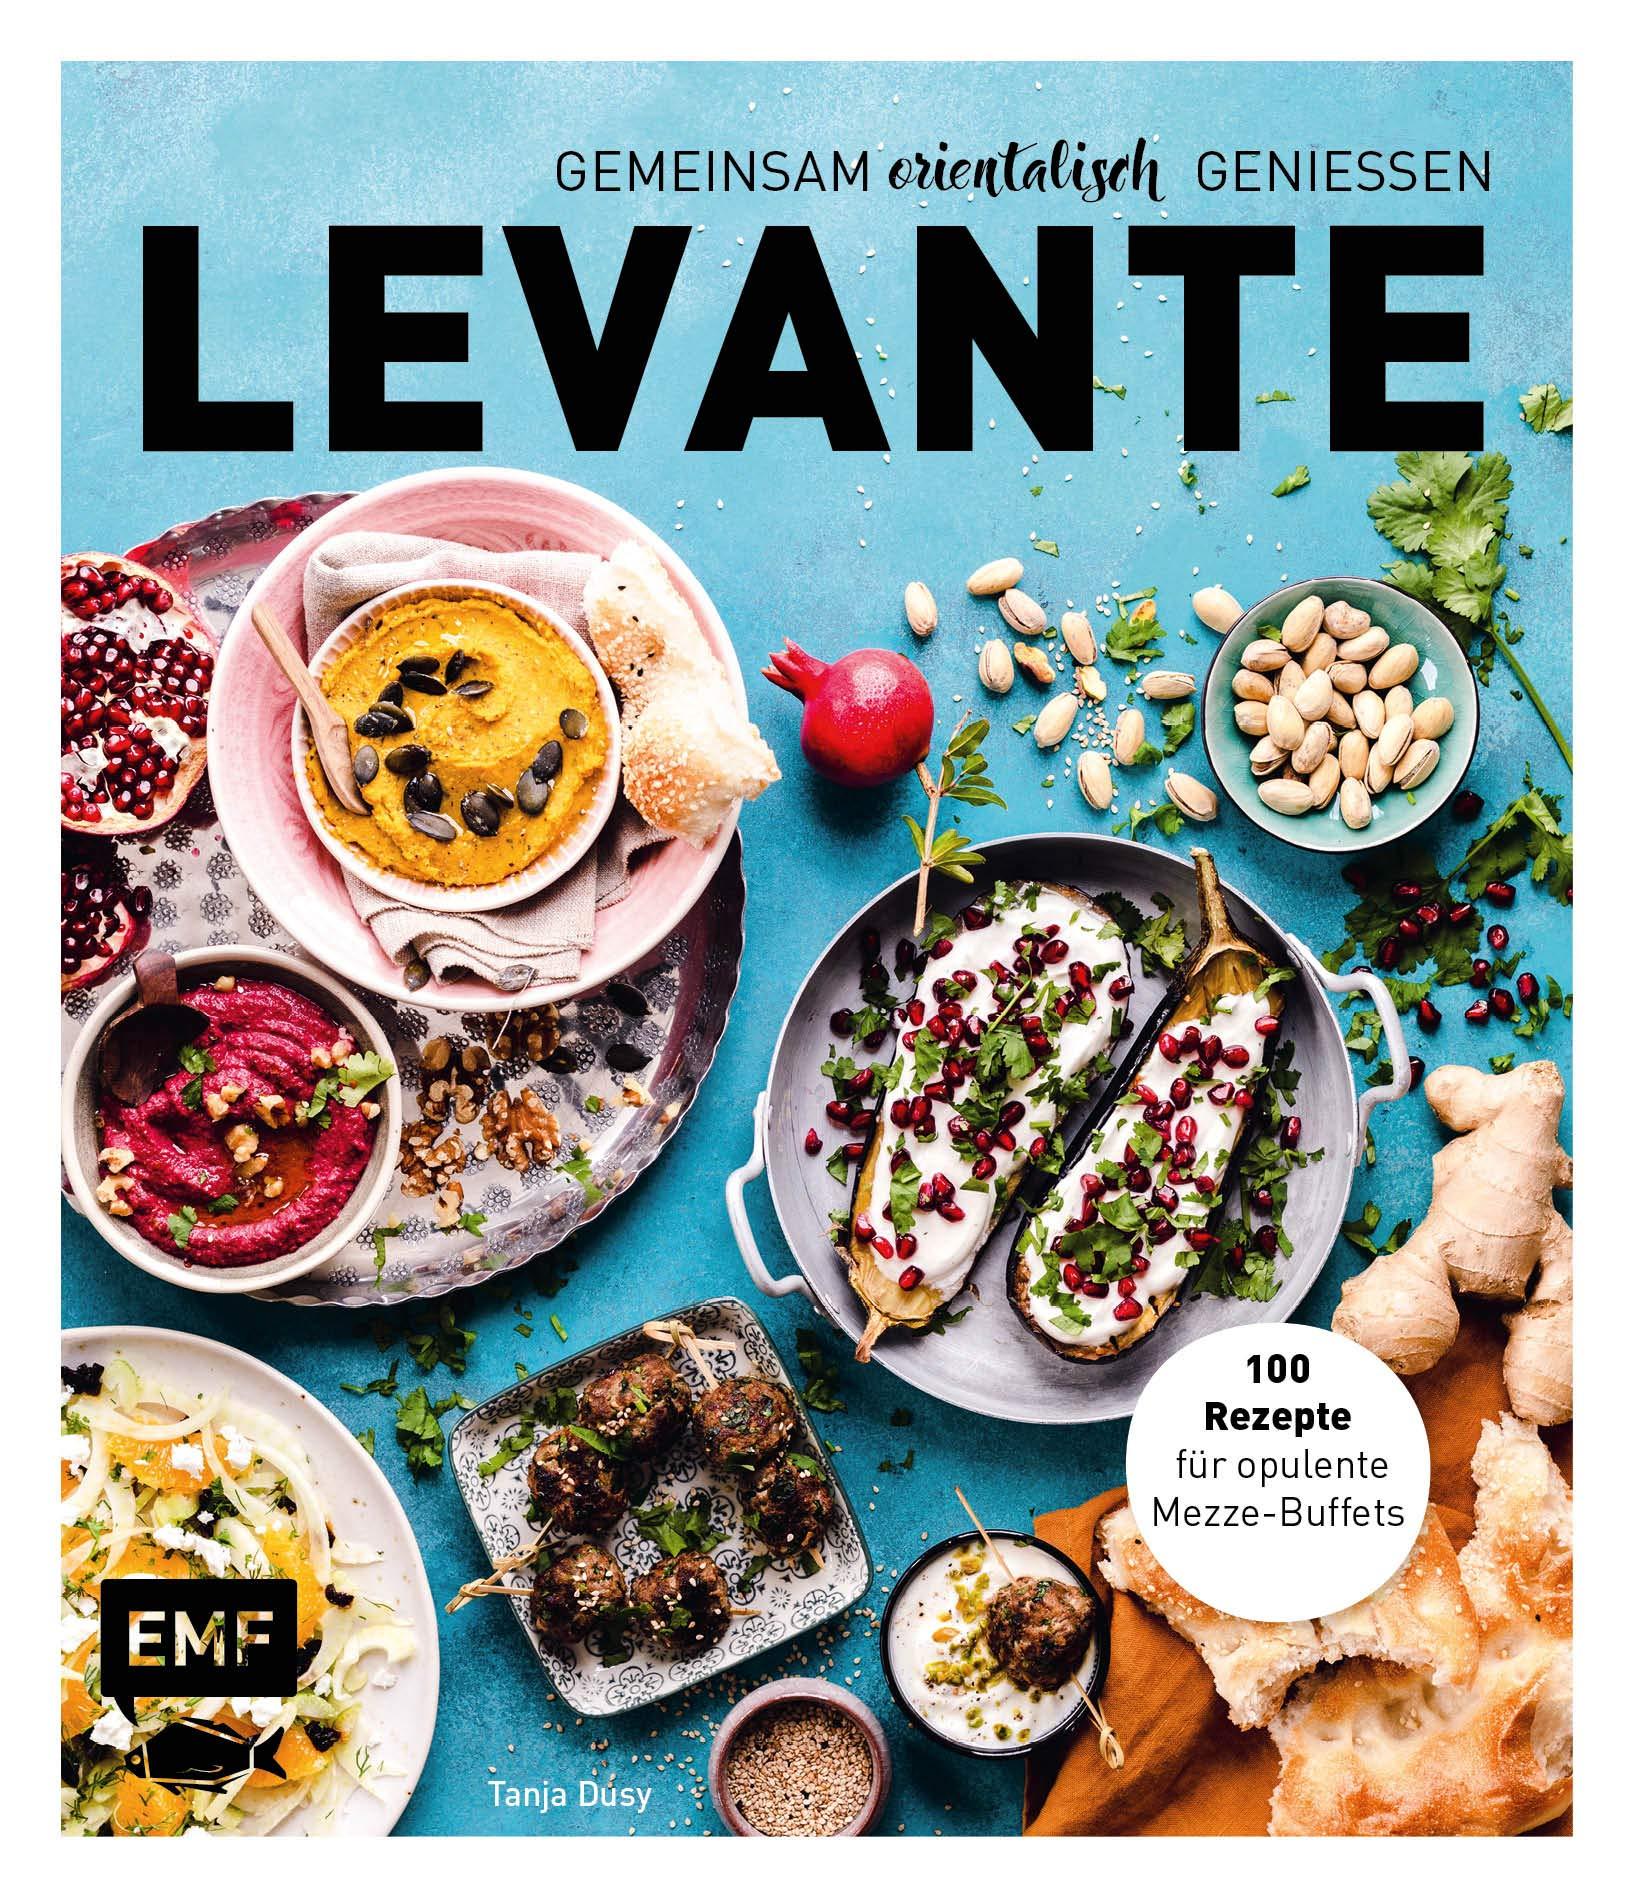 Levante – Gemeinsam orientalisch genießen: 18 Rezepte für